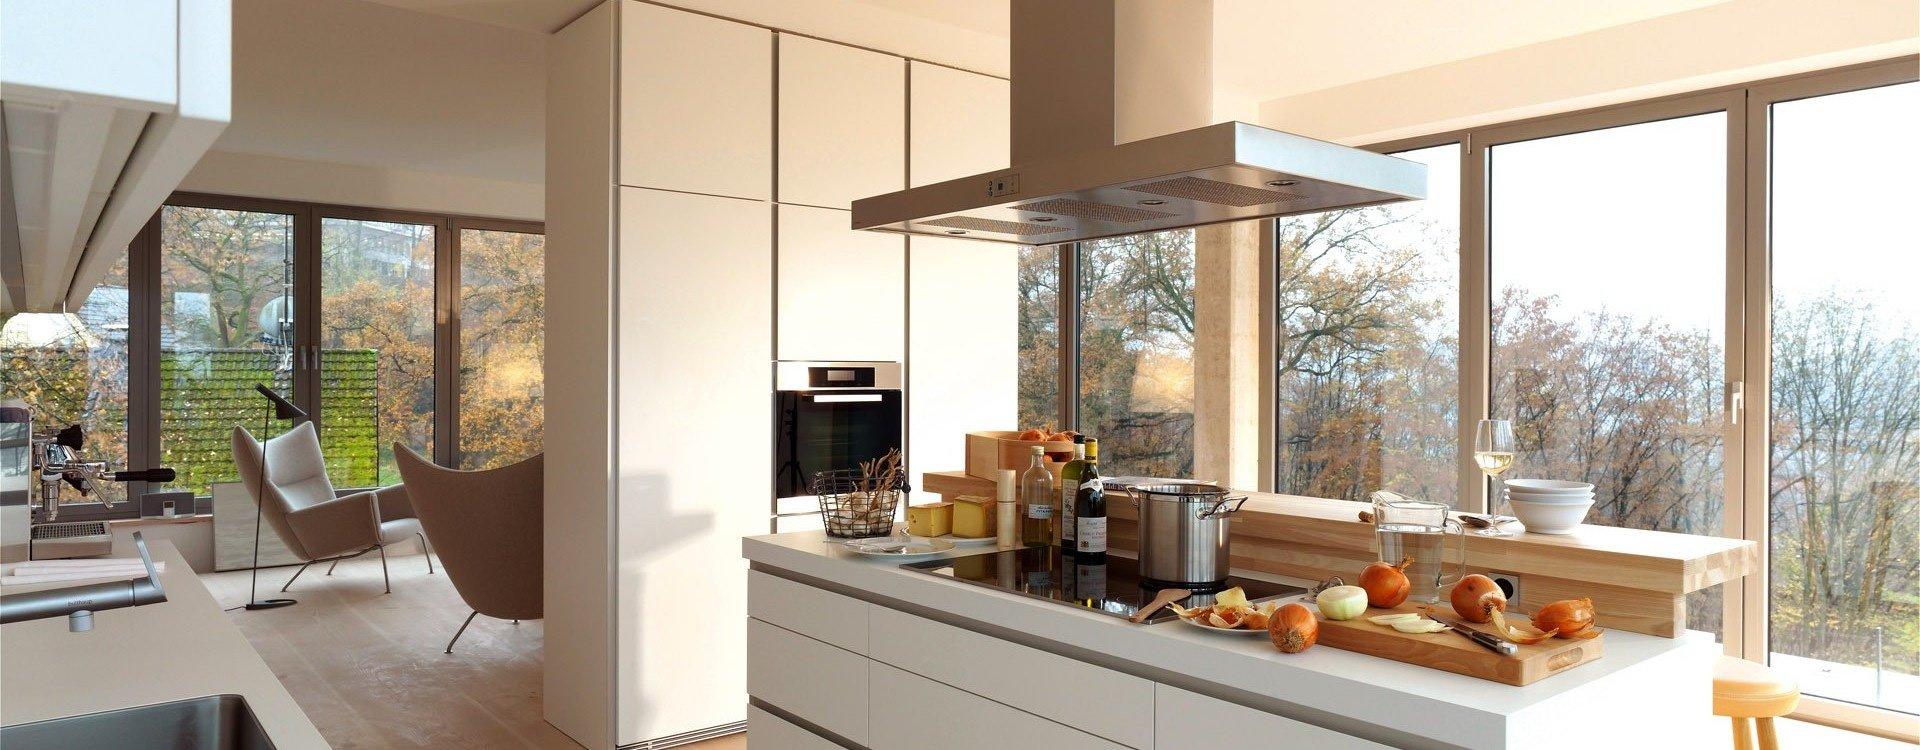 Kerui Furniture Hardware Cabinet, wardrobe, bathroom door rebound KR-809 Rebound Device image9